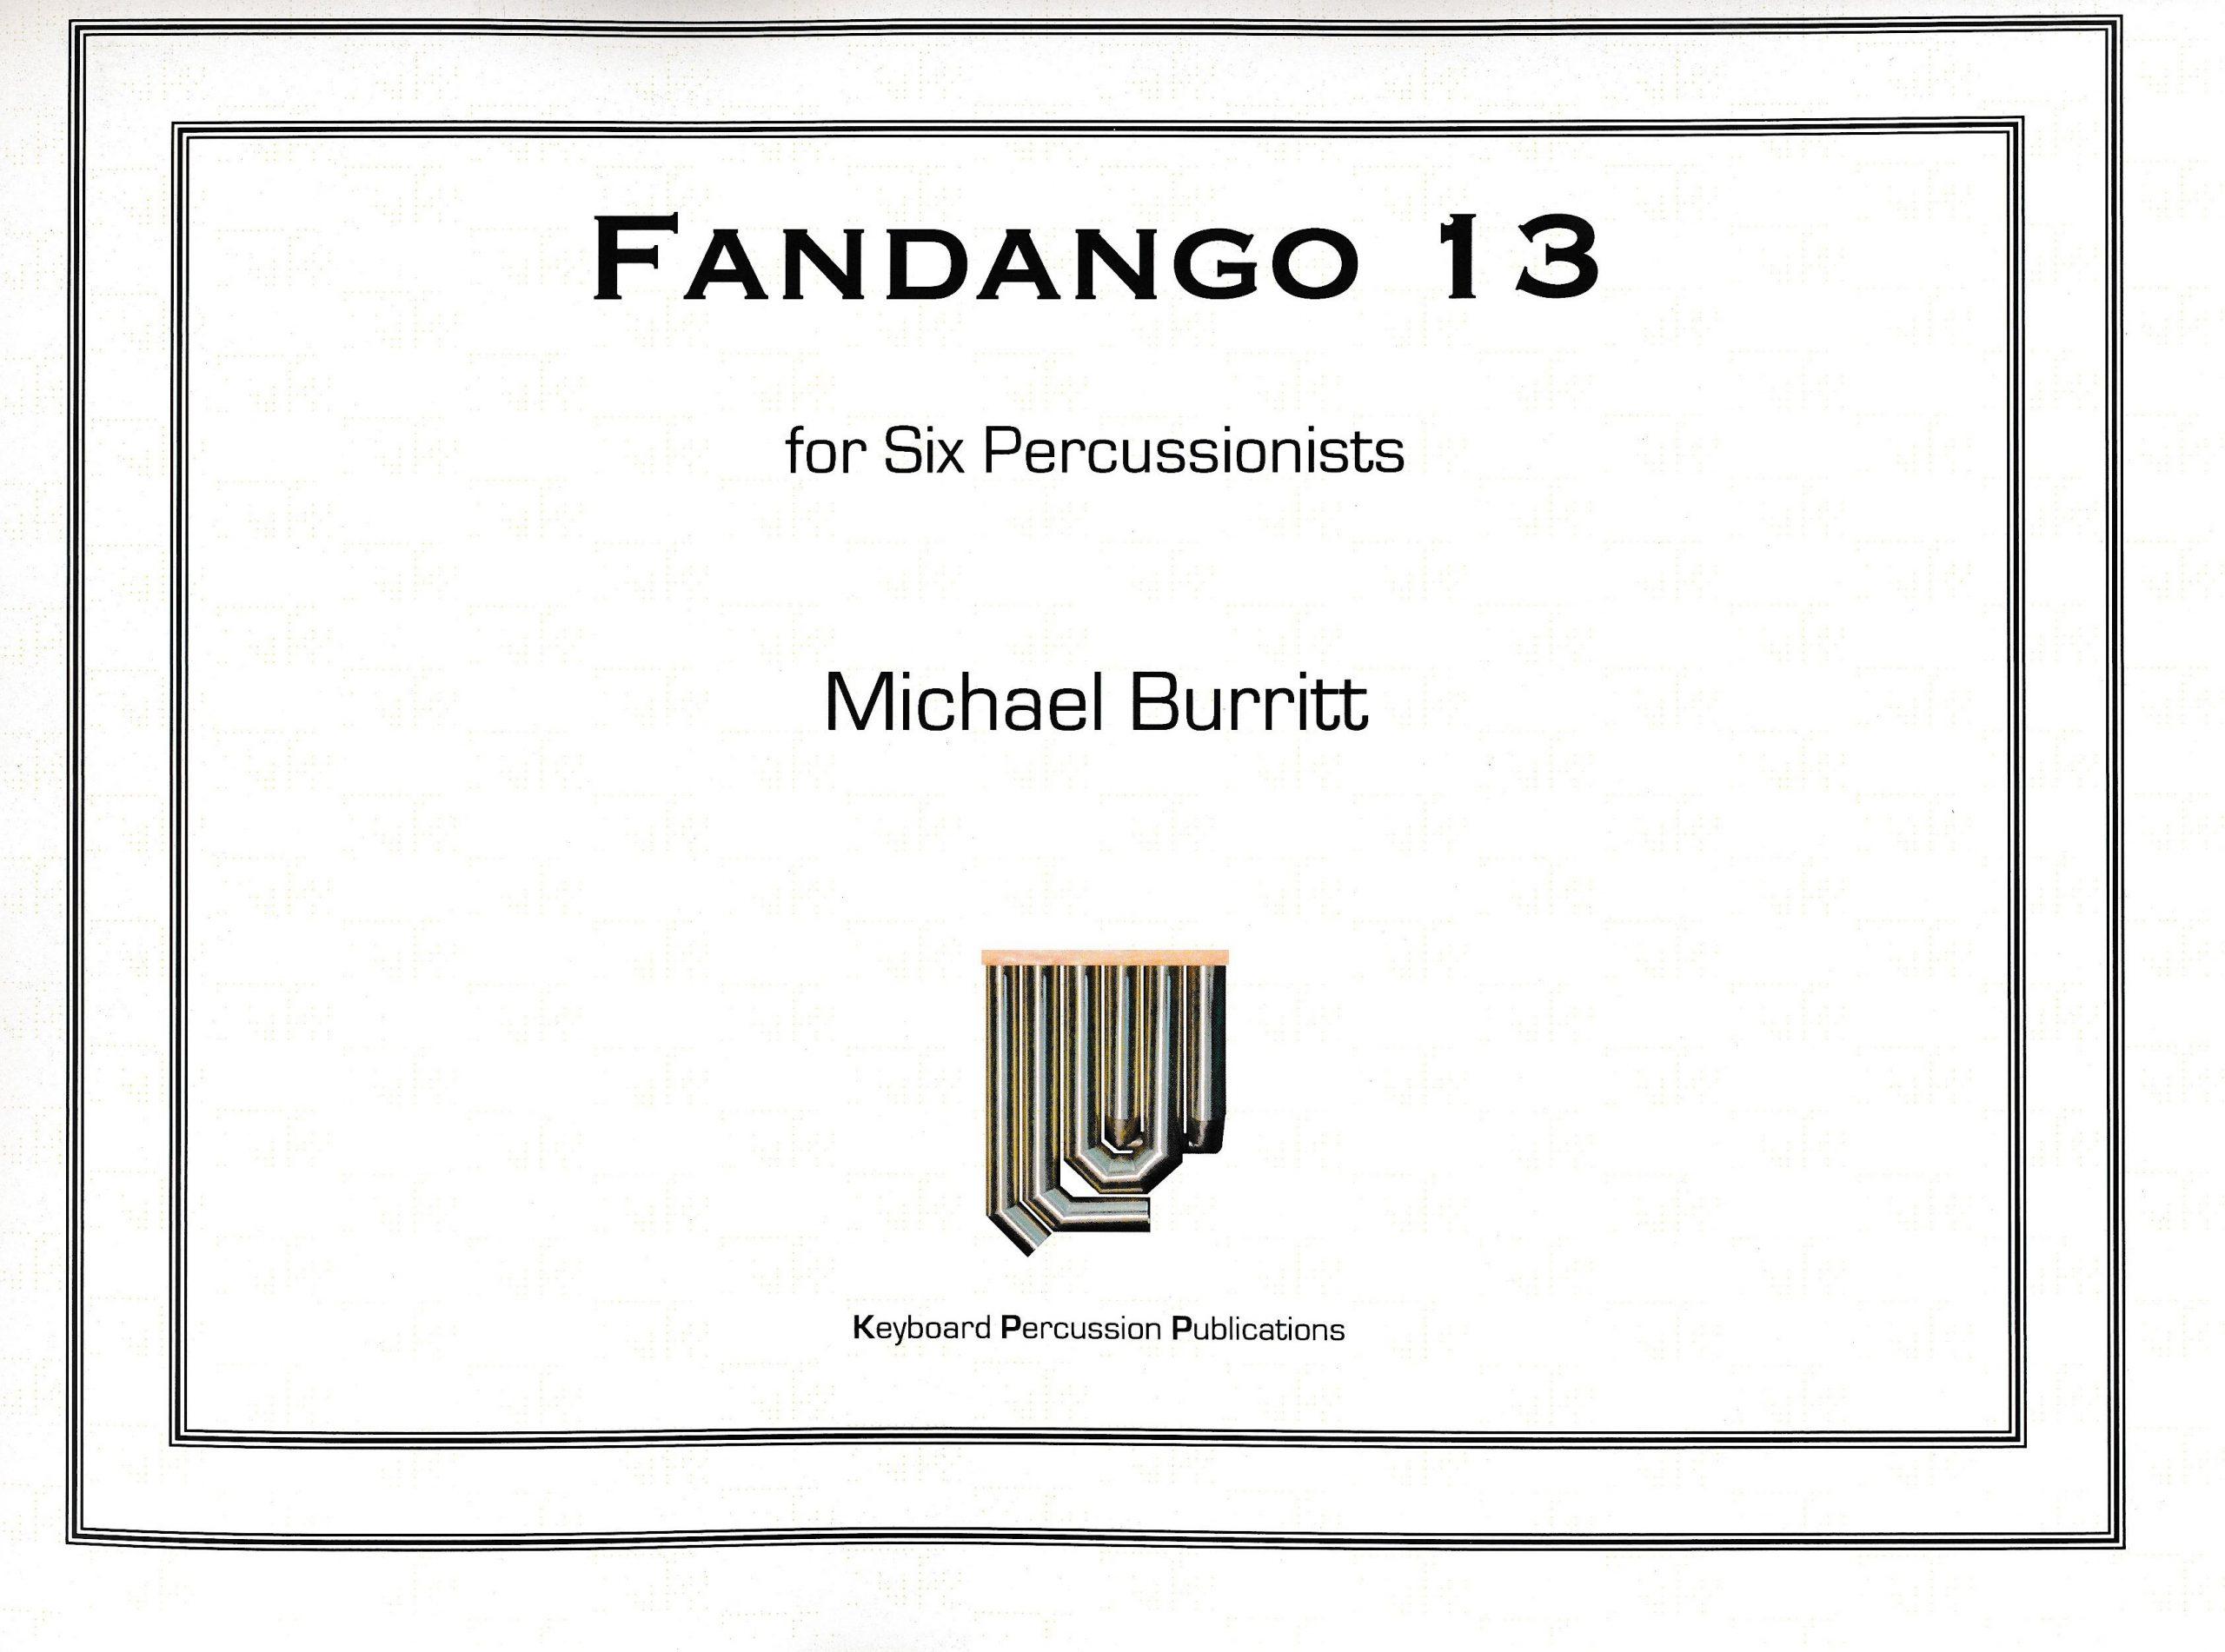 Fandango 13